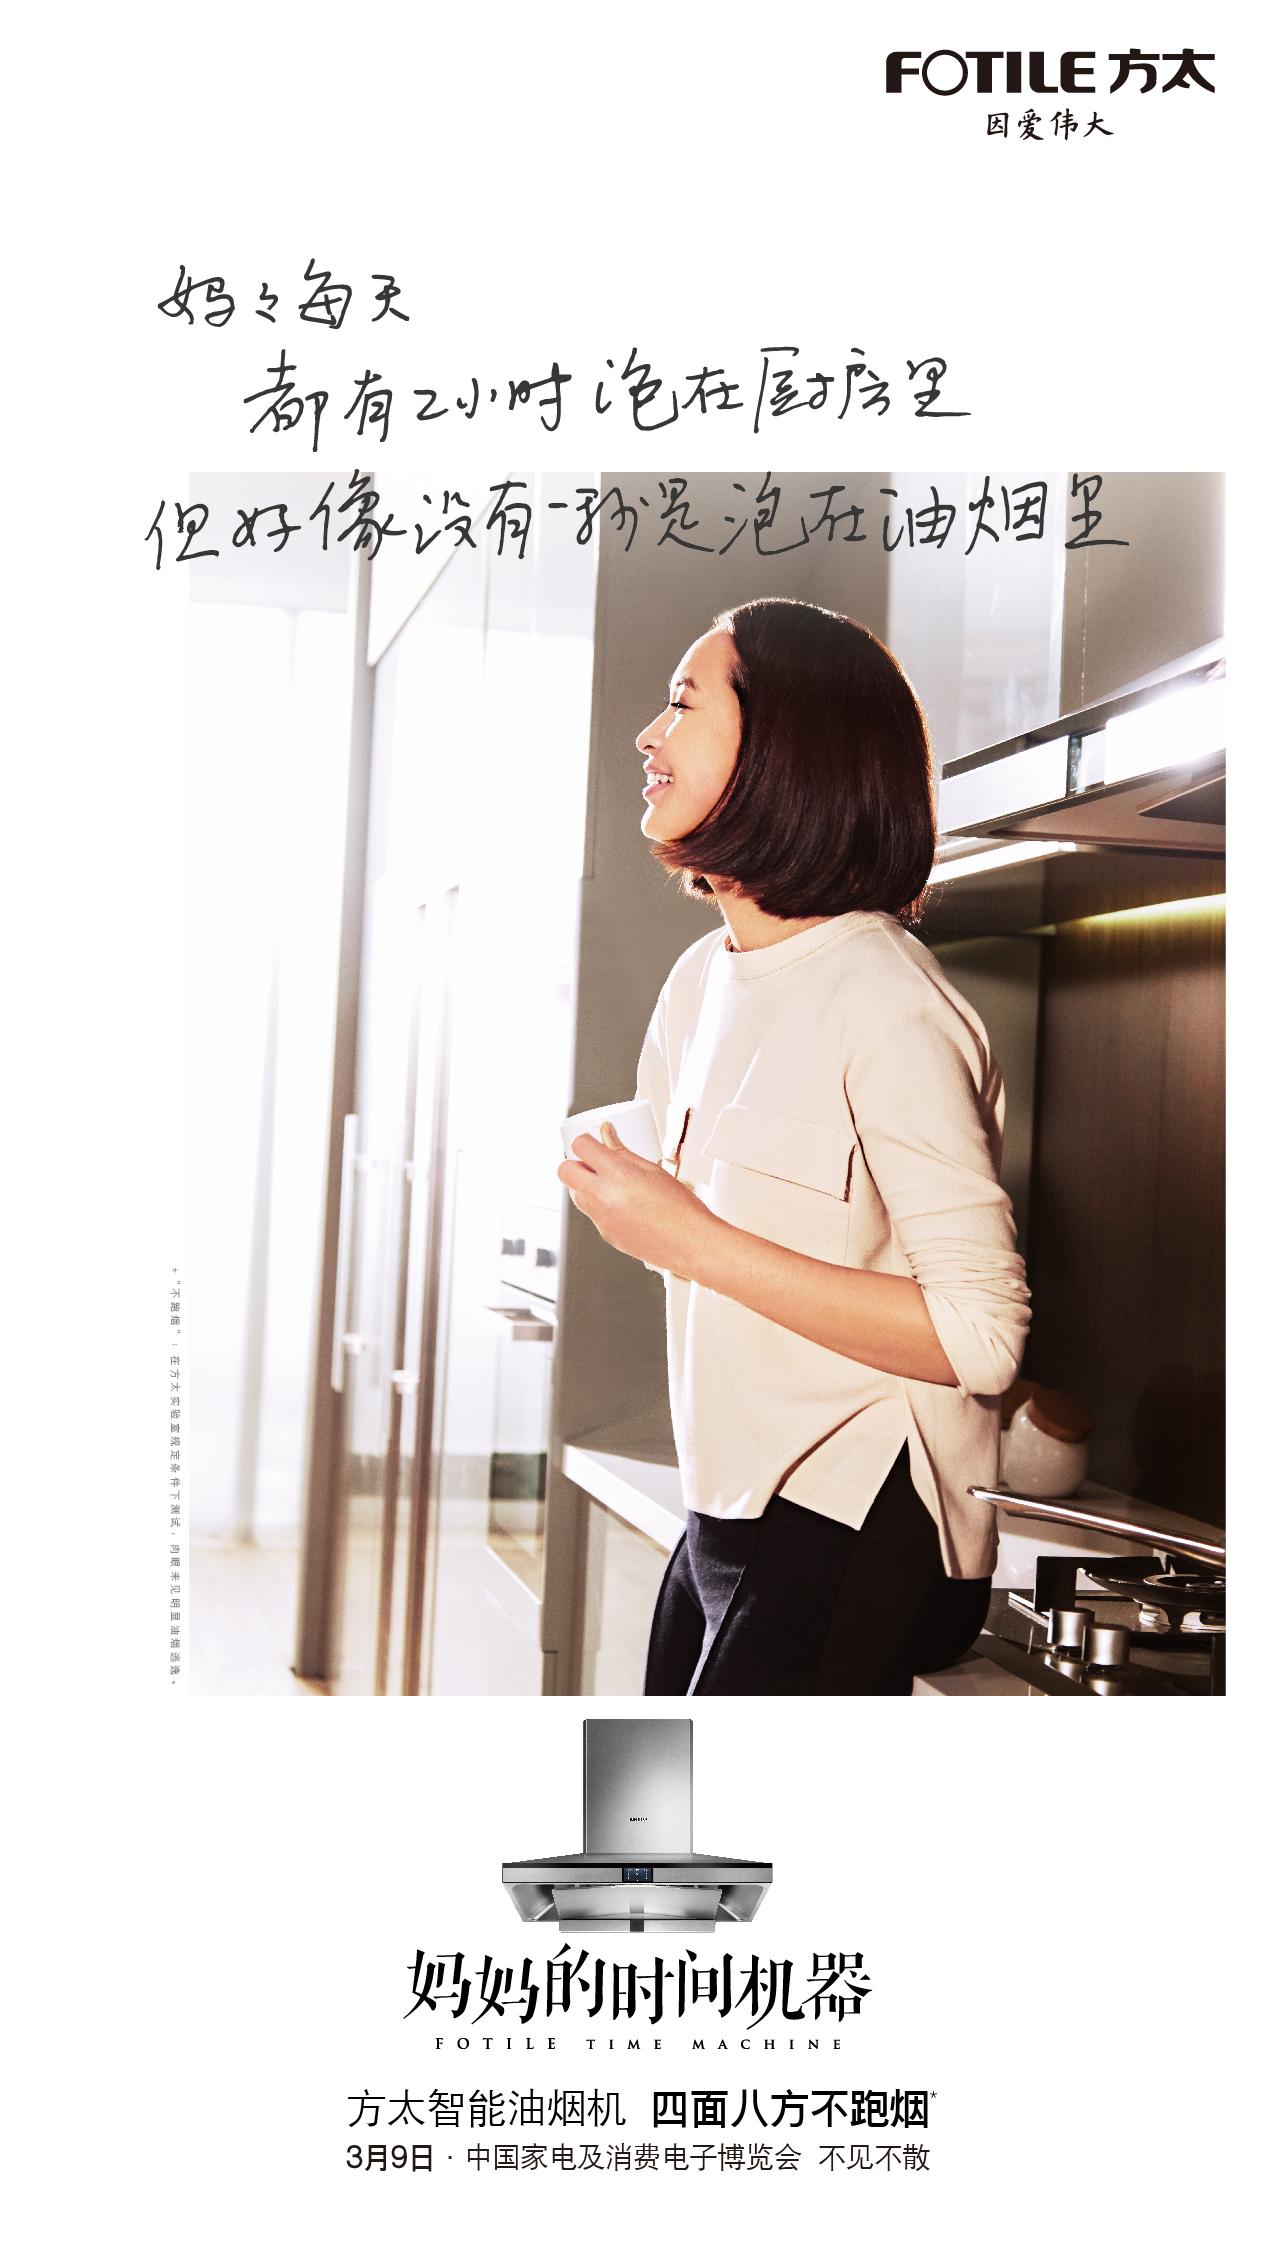 new kitchen sink oil dispenser 方太水槽洗碗机,妈妈的时间机器